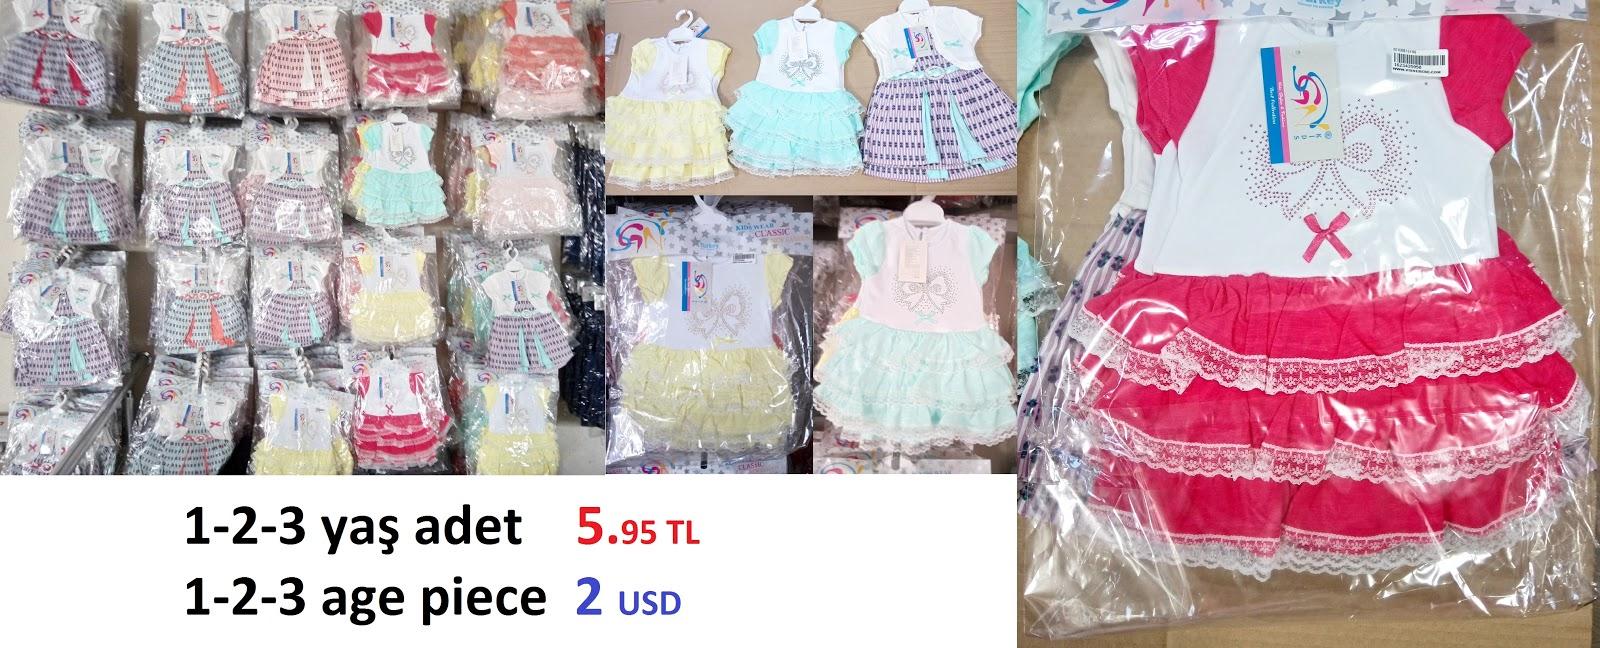 en ucuz çocuk giyim ürünleri satan yerler ve firmalar